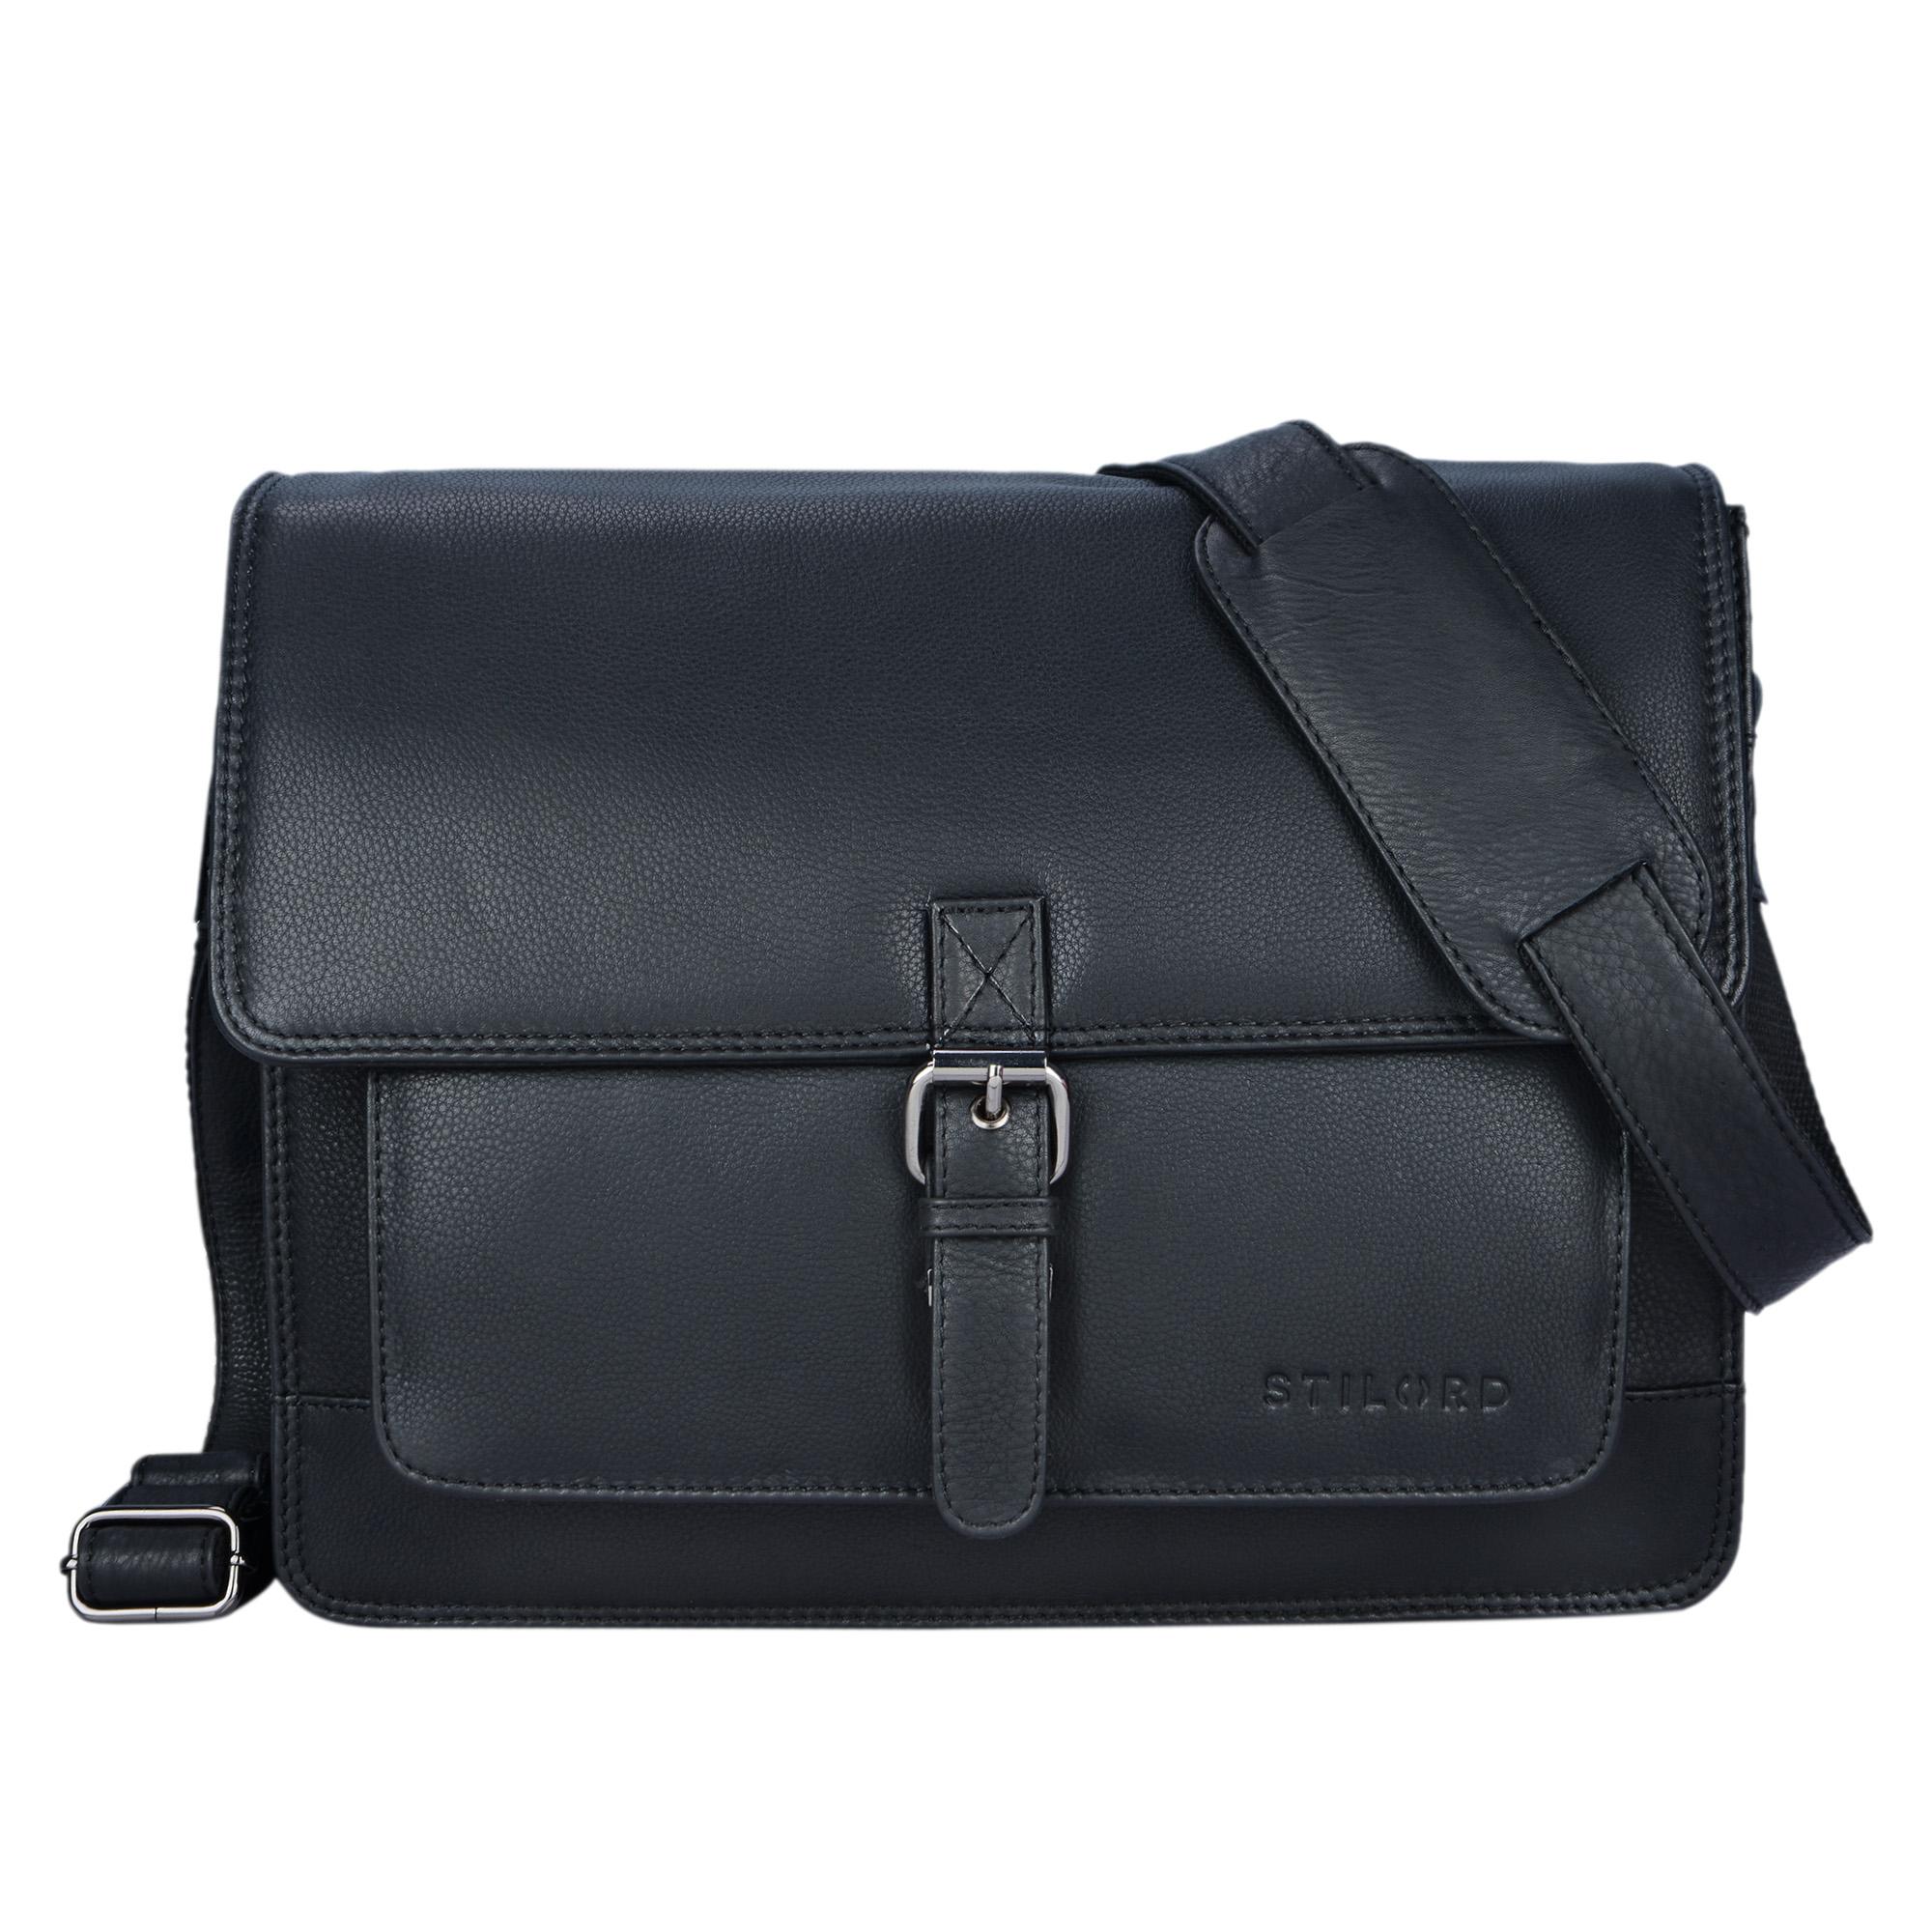 """STILORD """"Romeo"""" Kleine Aktentasche Leder für Herren Damen Vintage Businesstasche Bürotasche für DIN A4 Dokumente und 13,3 Zoll Laptops MacBooks aus echtem Leder - Bild 16"""